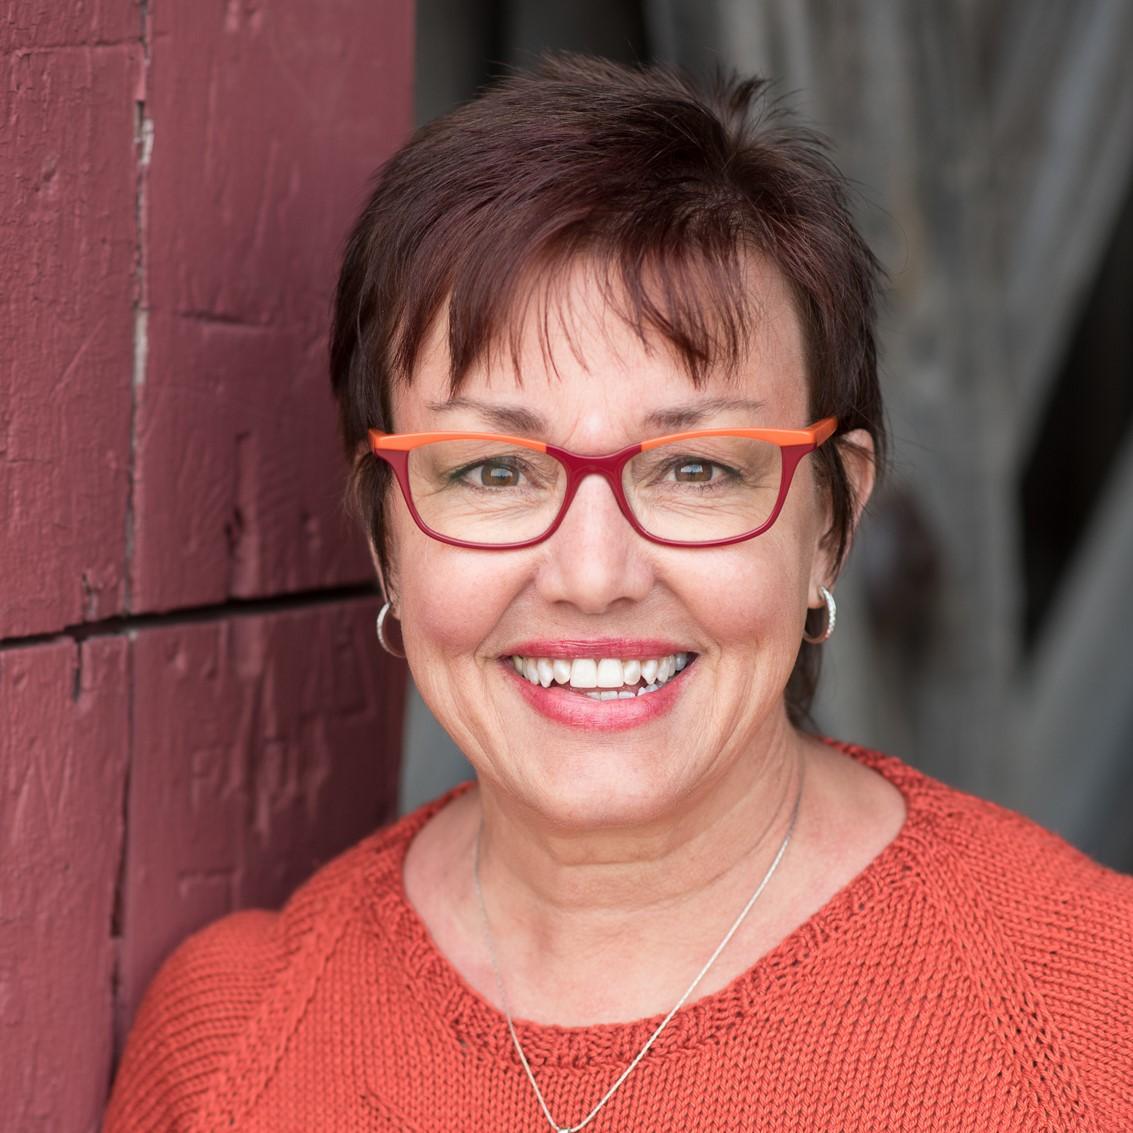 Cori Eichelberger